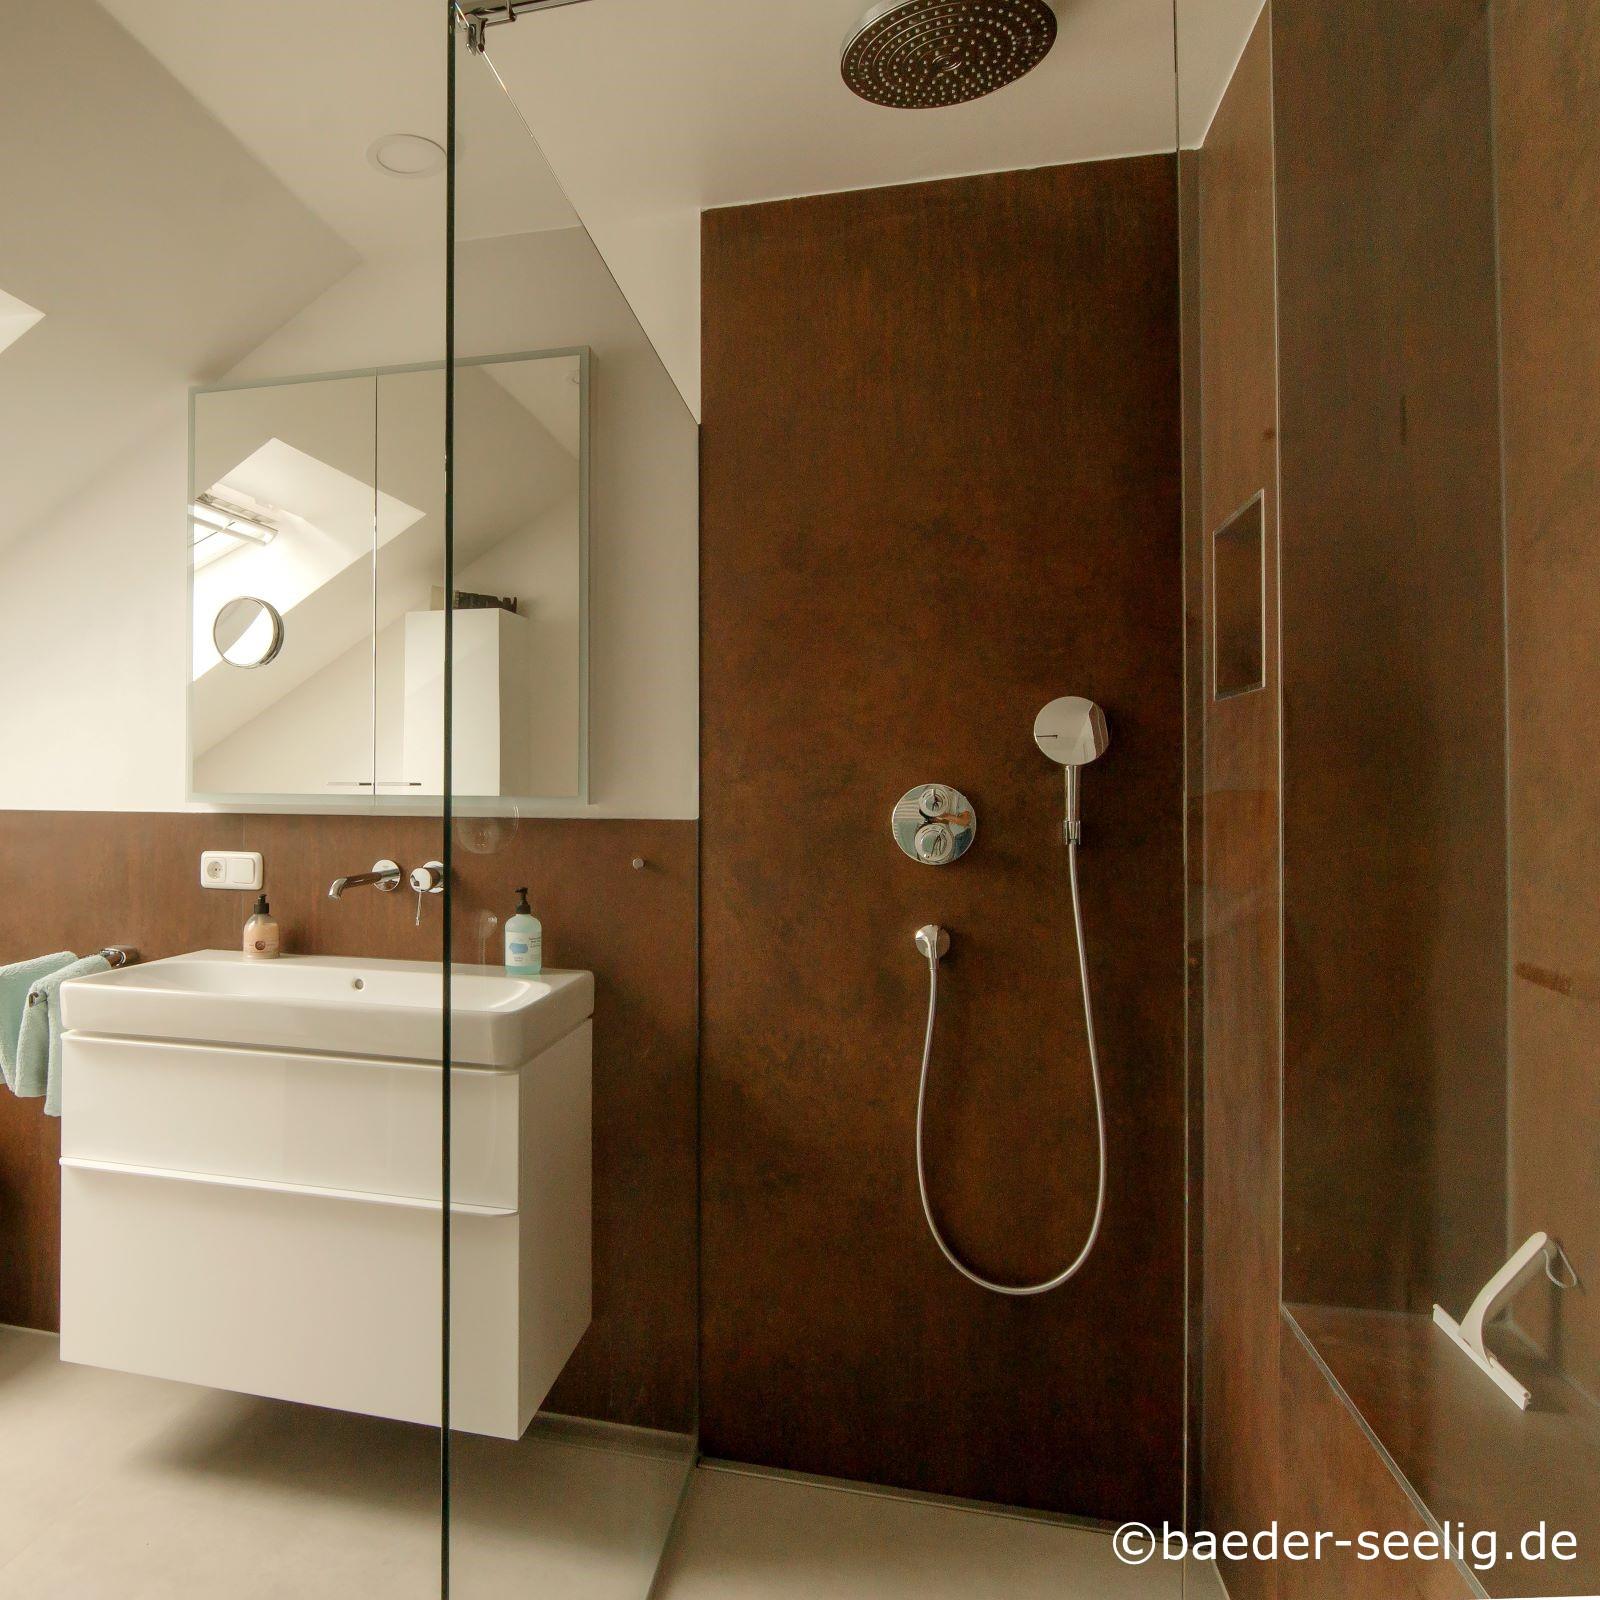 Abgebildet ist eine walk-in-dusche nach mass in einer wandecke rechts im bad. Links neben der ganzglas-duschabtrennung befindet sich ein weißer waschtisch. Das bad ist halbhoch, die dusche in voller hoehe mit braunen kerlite xxl fliesen von cotto d'este gefliest. Der grosse regenwasser duschkopf und die handbrause sind sichtbar. Die wandbuendig zwischen glasduschabtrennung und wand eingebaute duschablaufrinne faellt kaum auf. Die v4a edelstahl-duschrinne pro hat eine sehr hohe ablaufleistung von ca. 1 l/s und ist damit ideal fuer die grosse regenbrause geeignet. Das wasser laeuft so sehr schnell ab. Die bodenablaufrinne mit einer sehr niedrigen einbautiefe hat die verwirklichung der bodenebenen duschkabine hier im altbau mit einer sehr geringen aufbauhoehe und hindernissen im boden erst moeglich gemacht. Sie ist cm-genau in einer sonderanfertigung genau fuer diese duschplanung eingebaut worden.